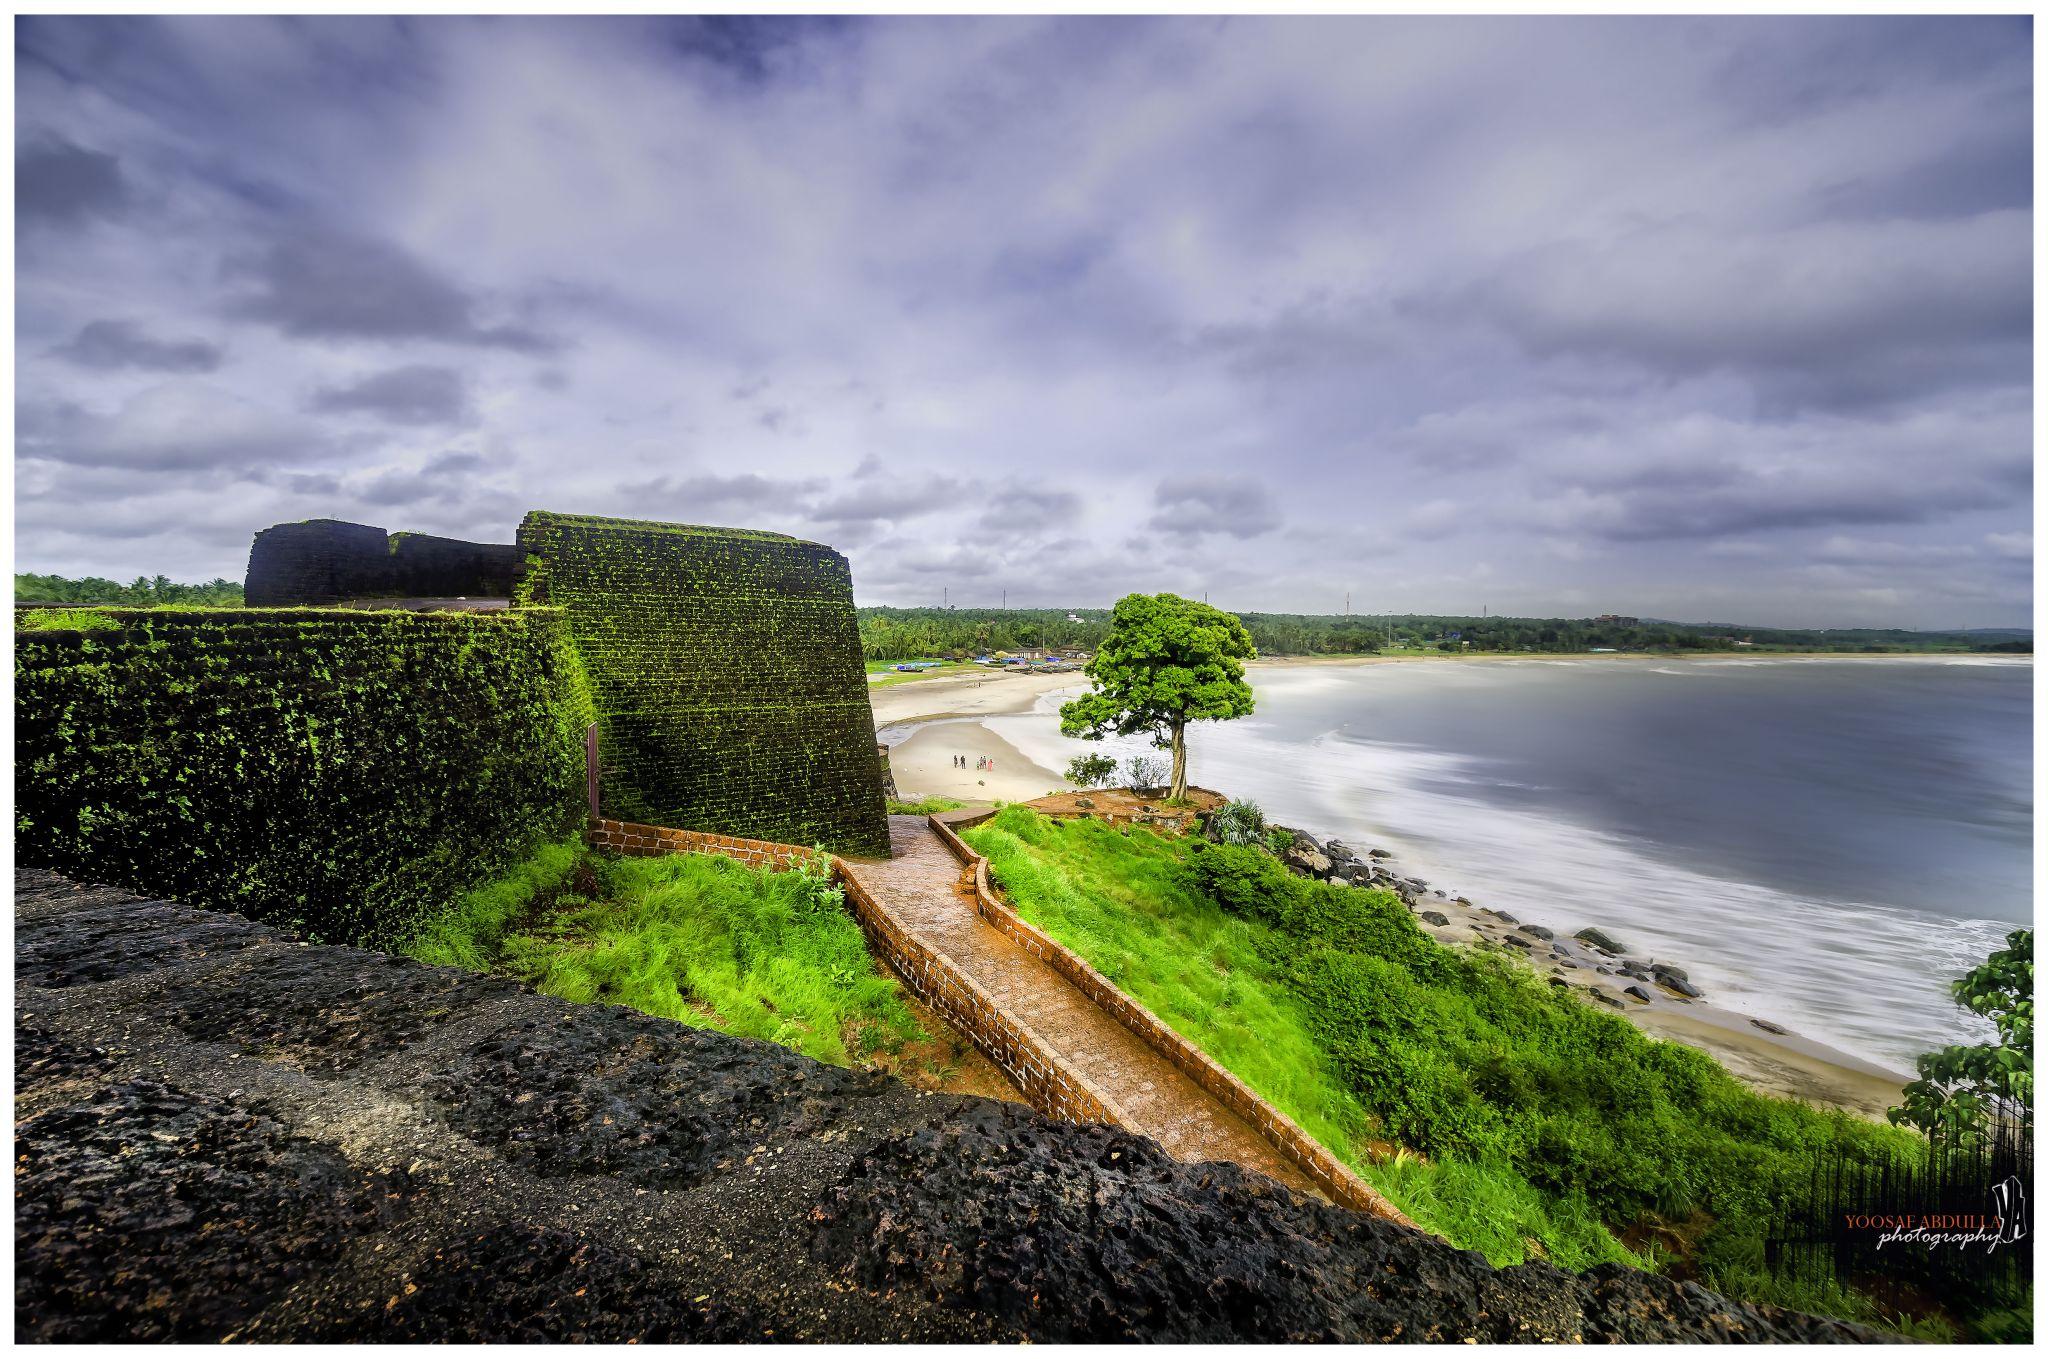 Delta Awaits, India